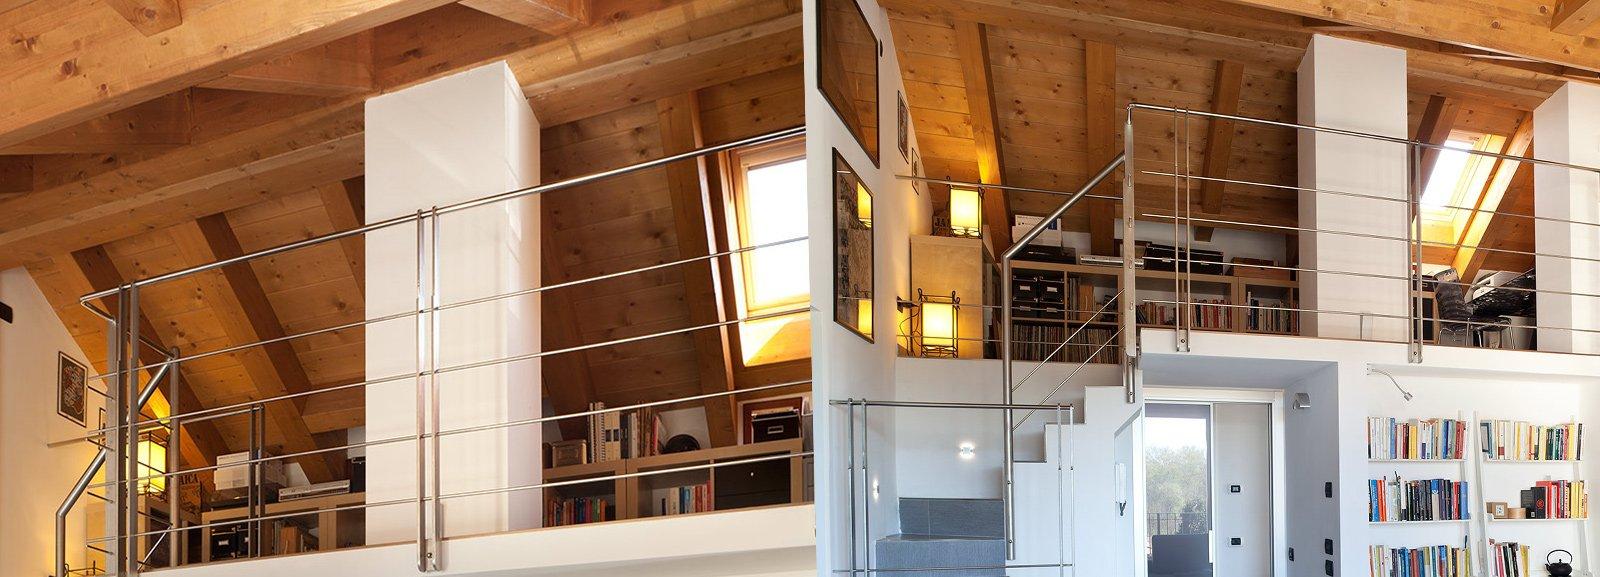 Recuperare il sottotetto alzando la copertura cose di casa - Alzare il tetto di casa ...